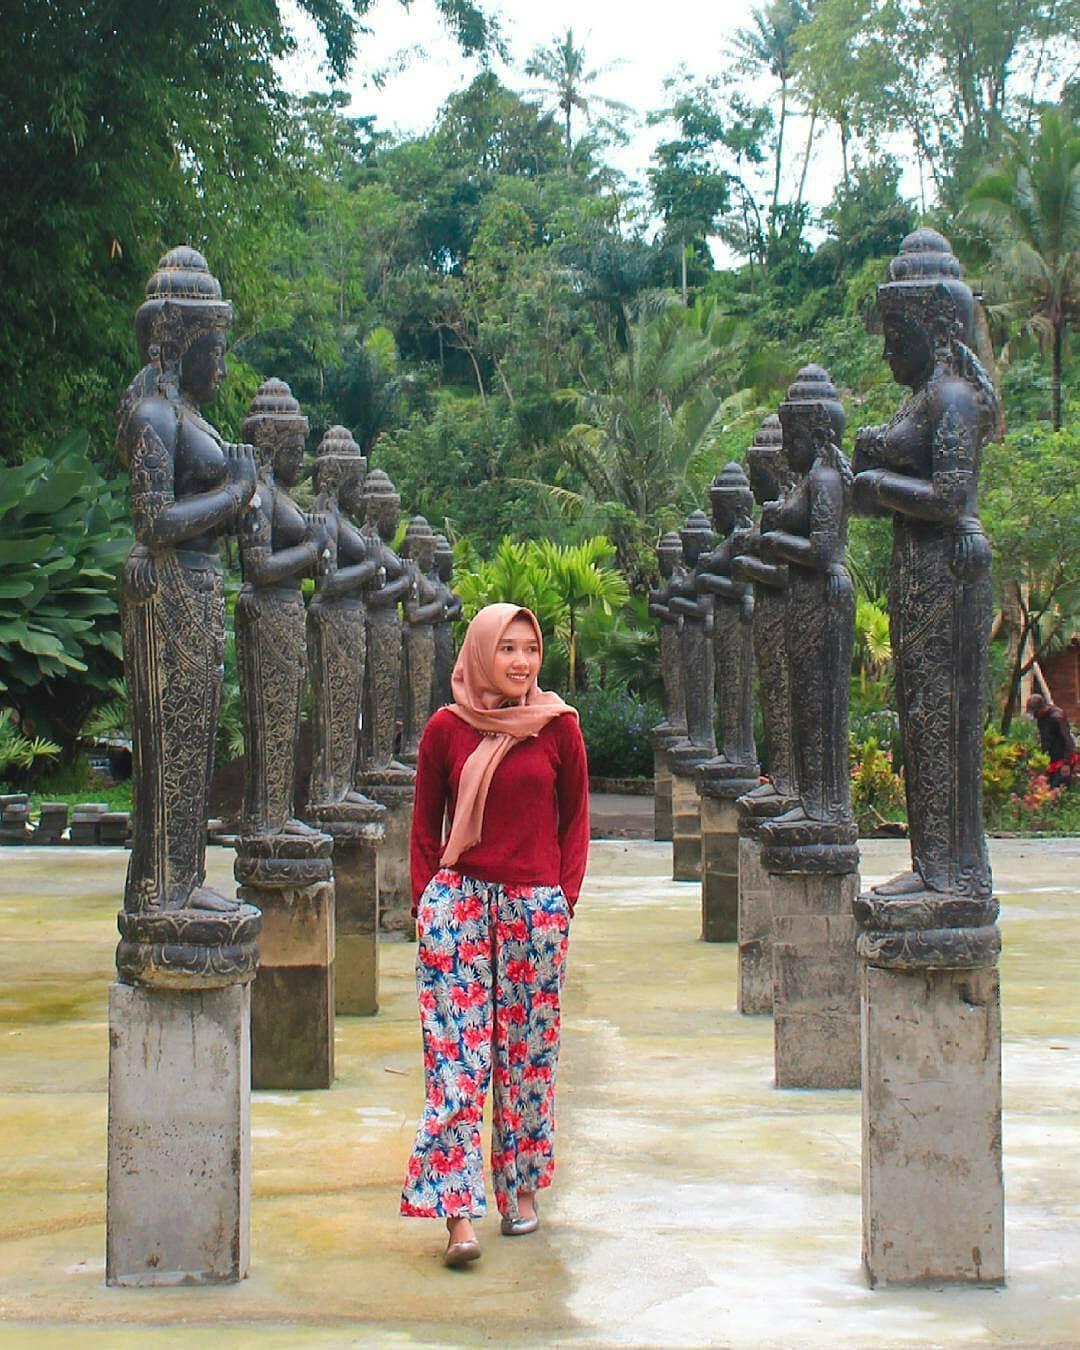 area patung-patung di lembah tumpang resort